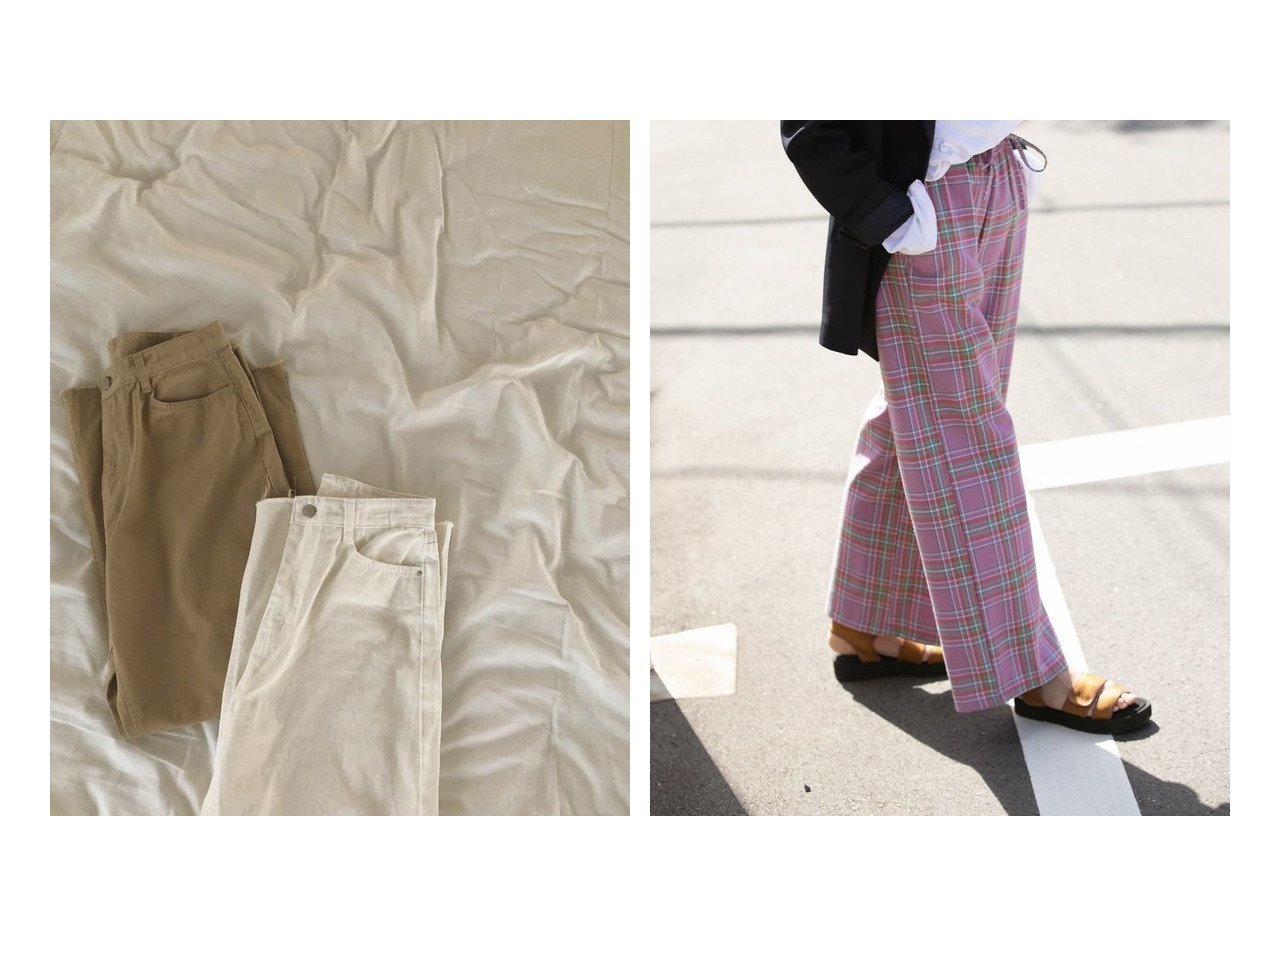 【marjour/マージュール】のリラックスチェックパンツ RELAX CHECK PANTS&カラーワイドデニム COLOR WIDE DENIM おすすめ!人気、トレンド・レディースファッションの通販 おすすめファッション通販アイテム インテリア・キッズ・メンズ・レディースファッション・服の通販 founy(ファニー)  ファッション Fashion レディースファッション WOMEN パンツ Pants おすすめ Recommend ストライプ デニム ボーダー ワイド シンプル スウェット ストレート チェック リラックス 春 Spring ホワイト系 White イエロー系 Yellow ブラック系 Black ベージュ系 Beige レッド系 Red |ID:crp329100000037034